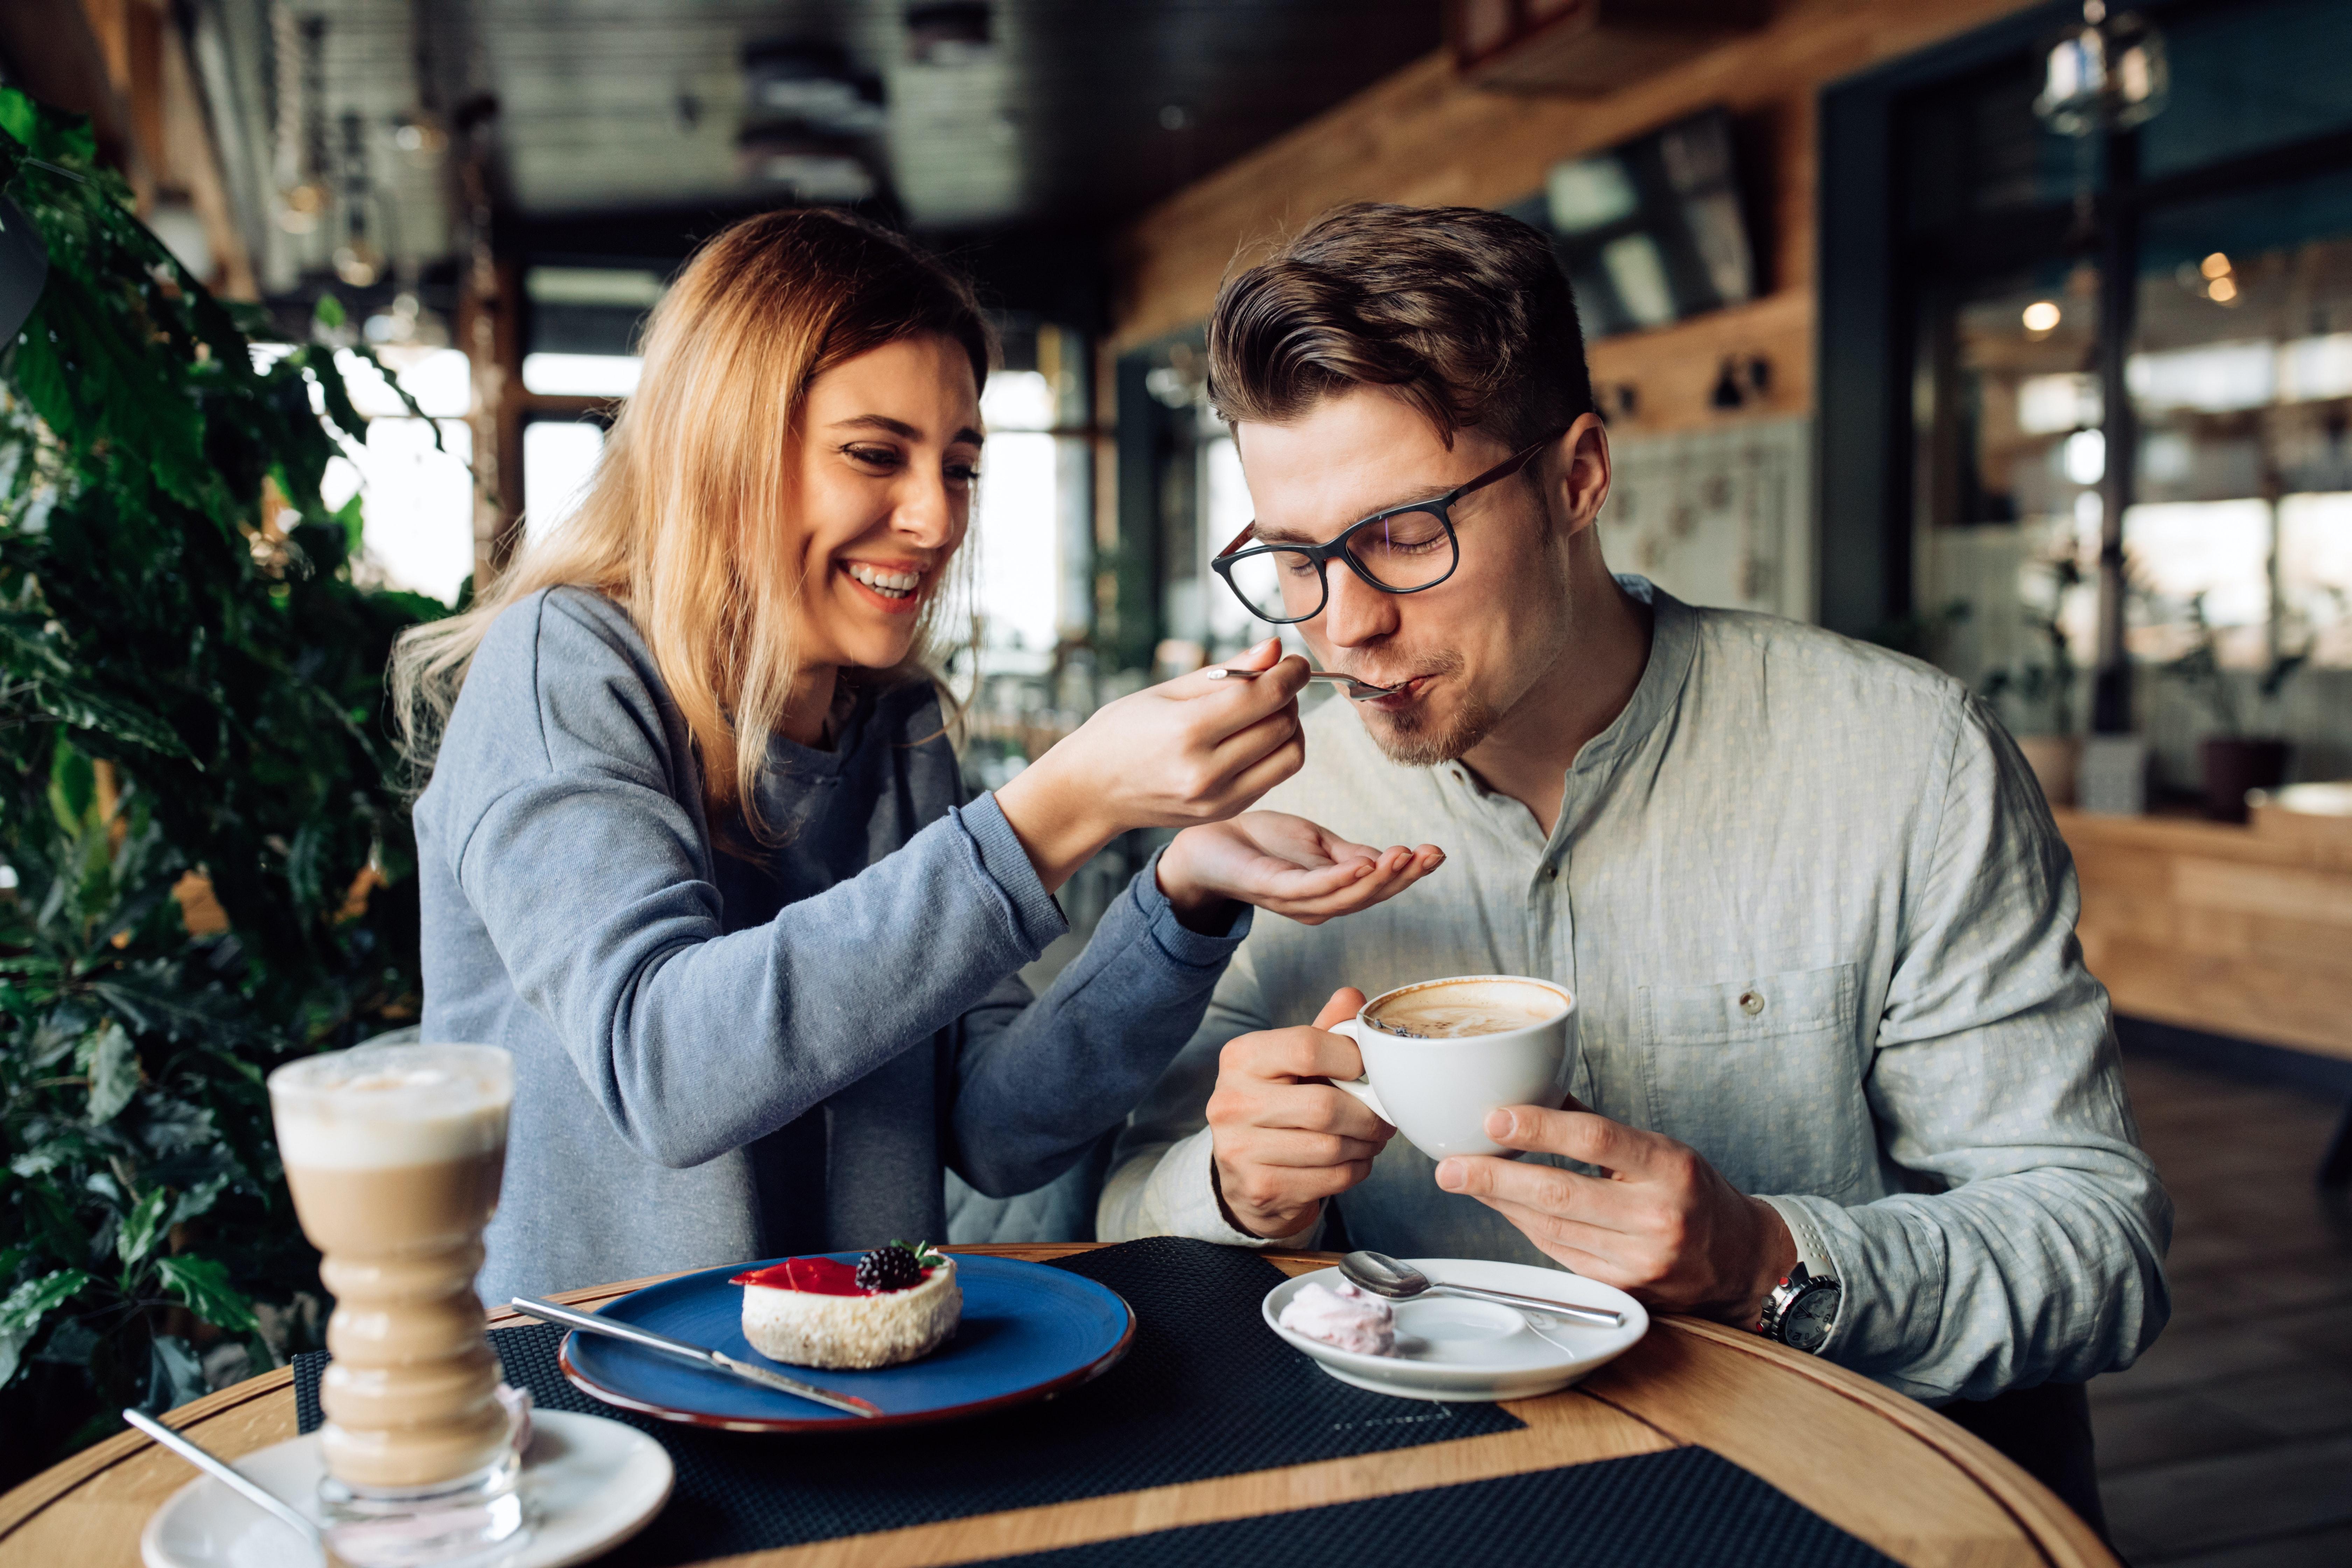 Christian dating in johannesburg